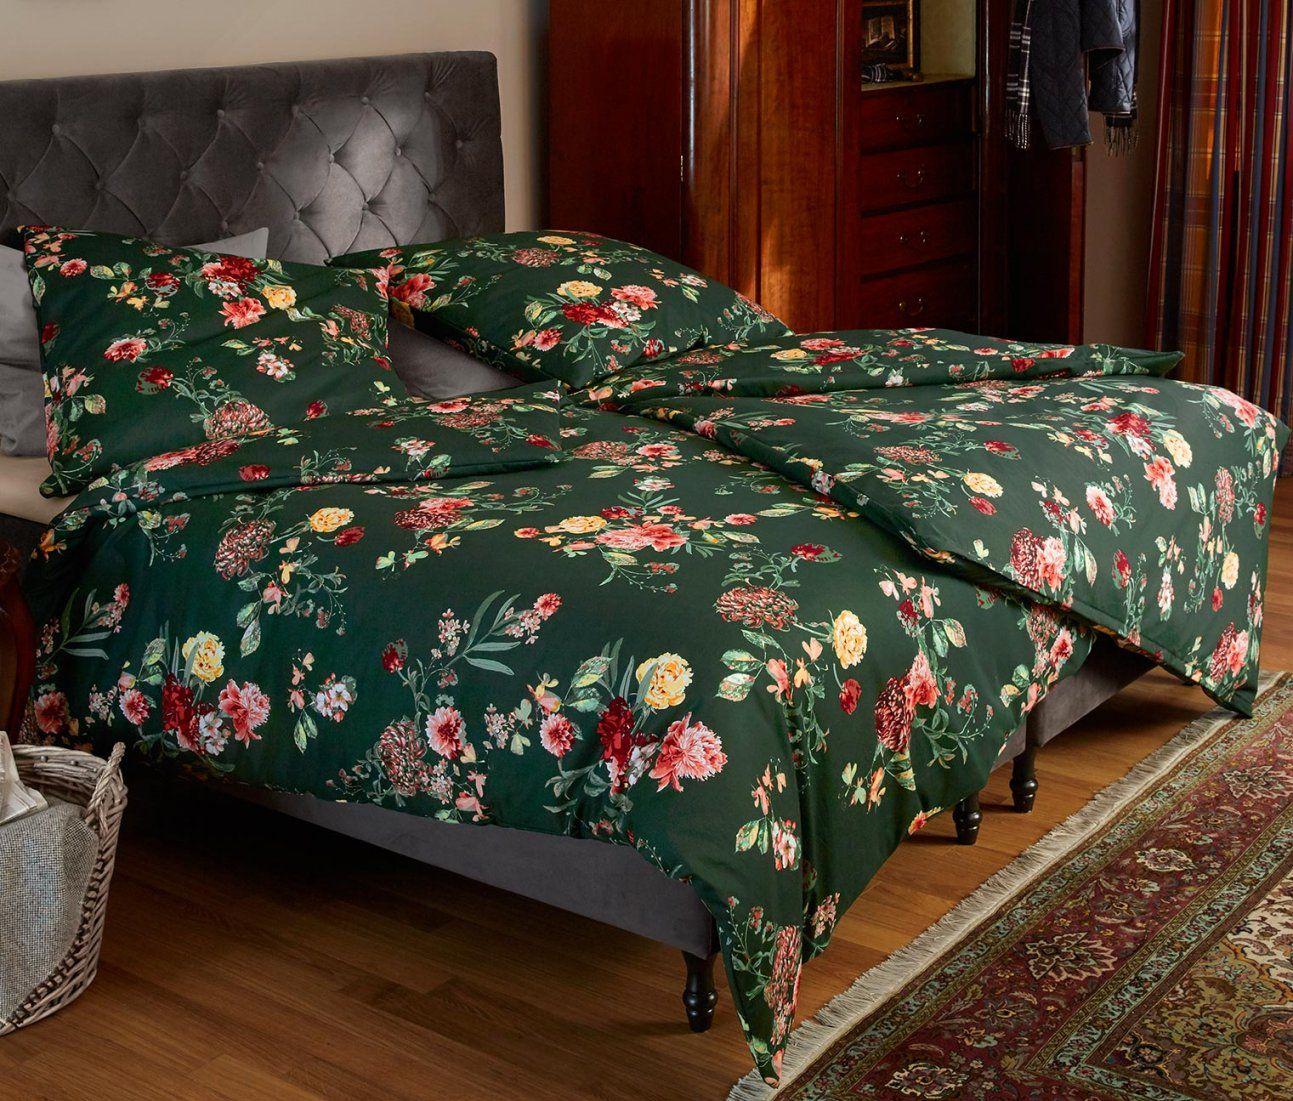 Renforcébettwäsche Normalgröße Online Bestellen Bei Tchibo 348057 von Tchibo Bettwäsche Blumen Photo